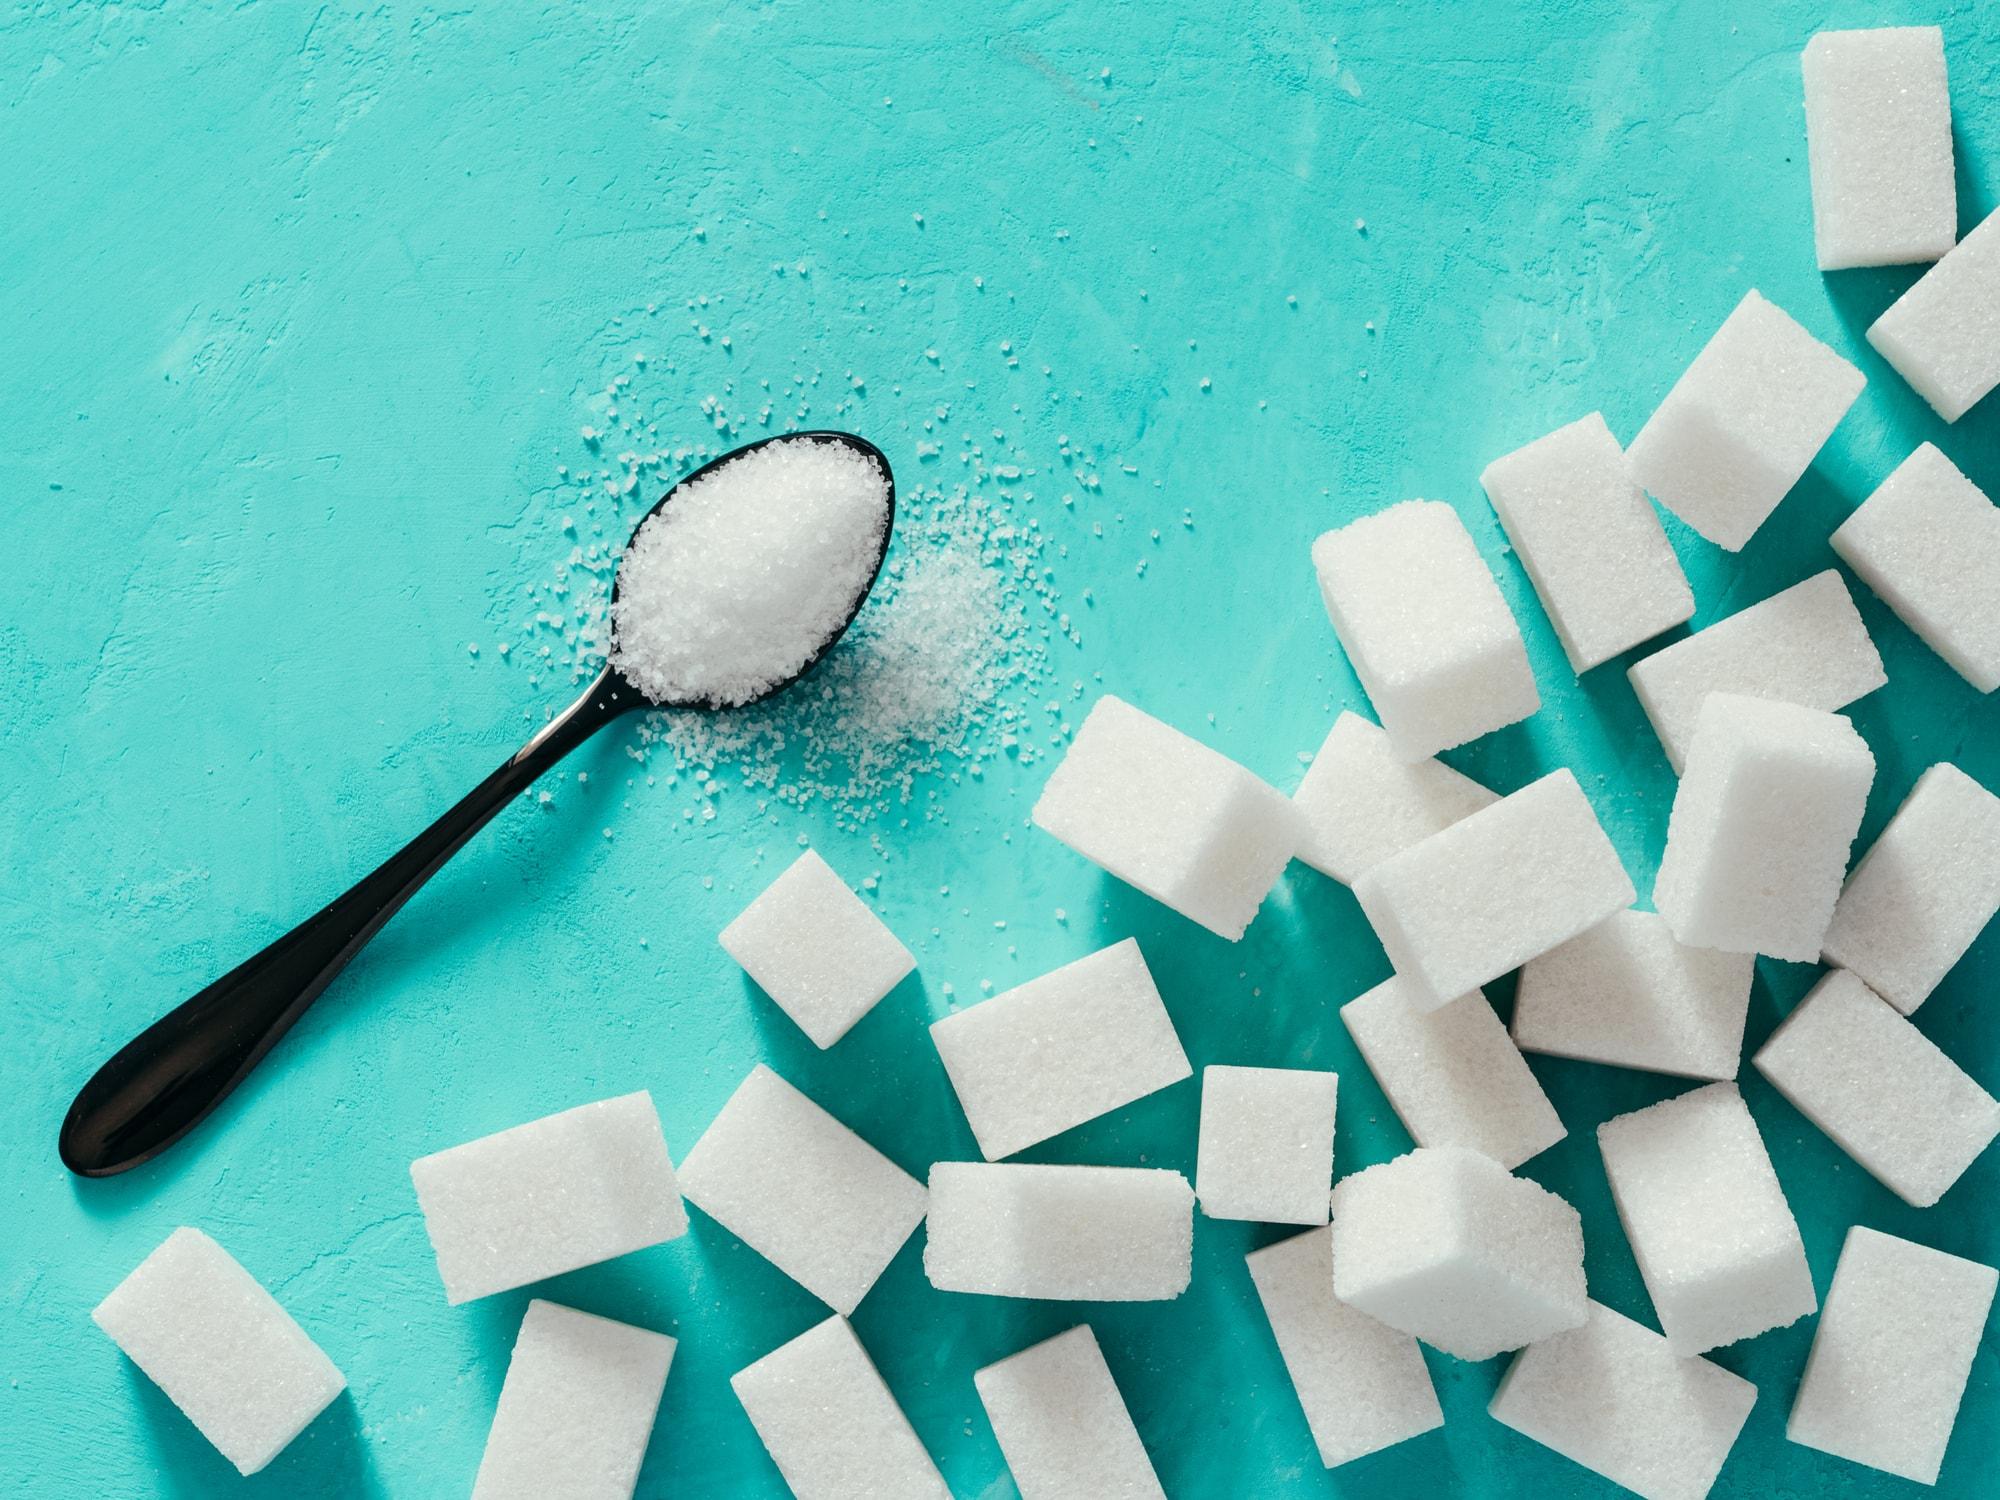 Zucker auf einem Löffel und in Würfeln